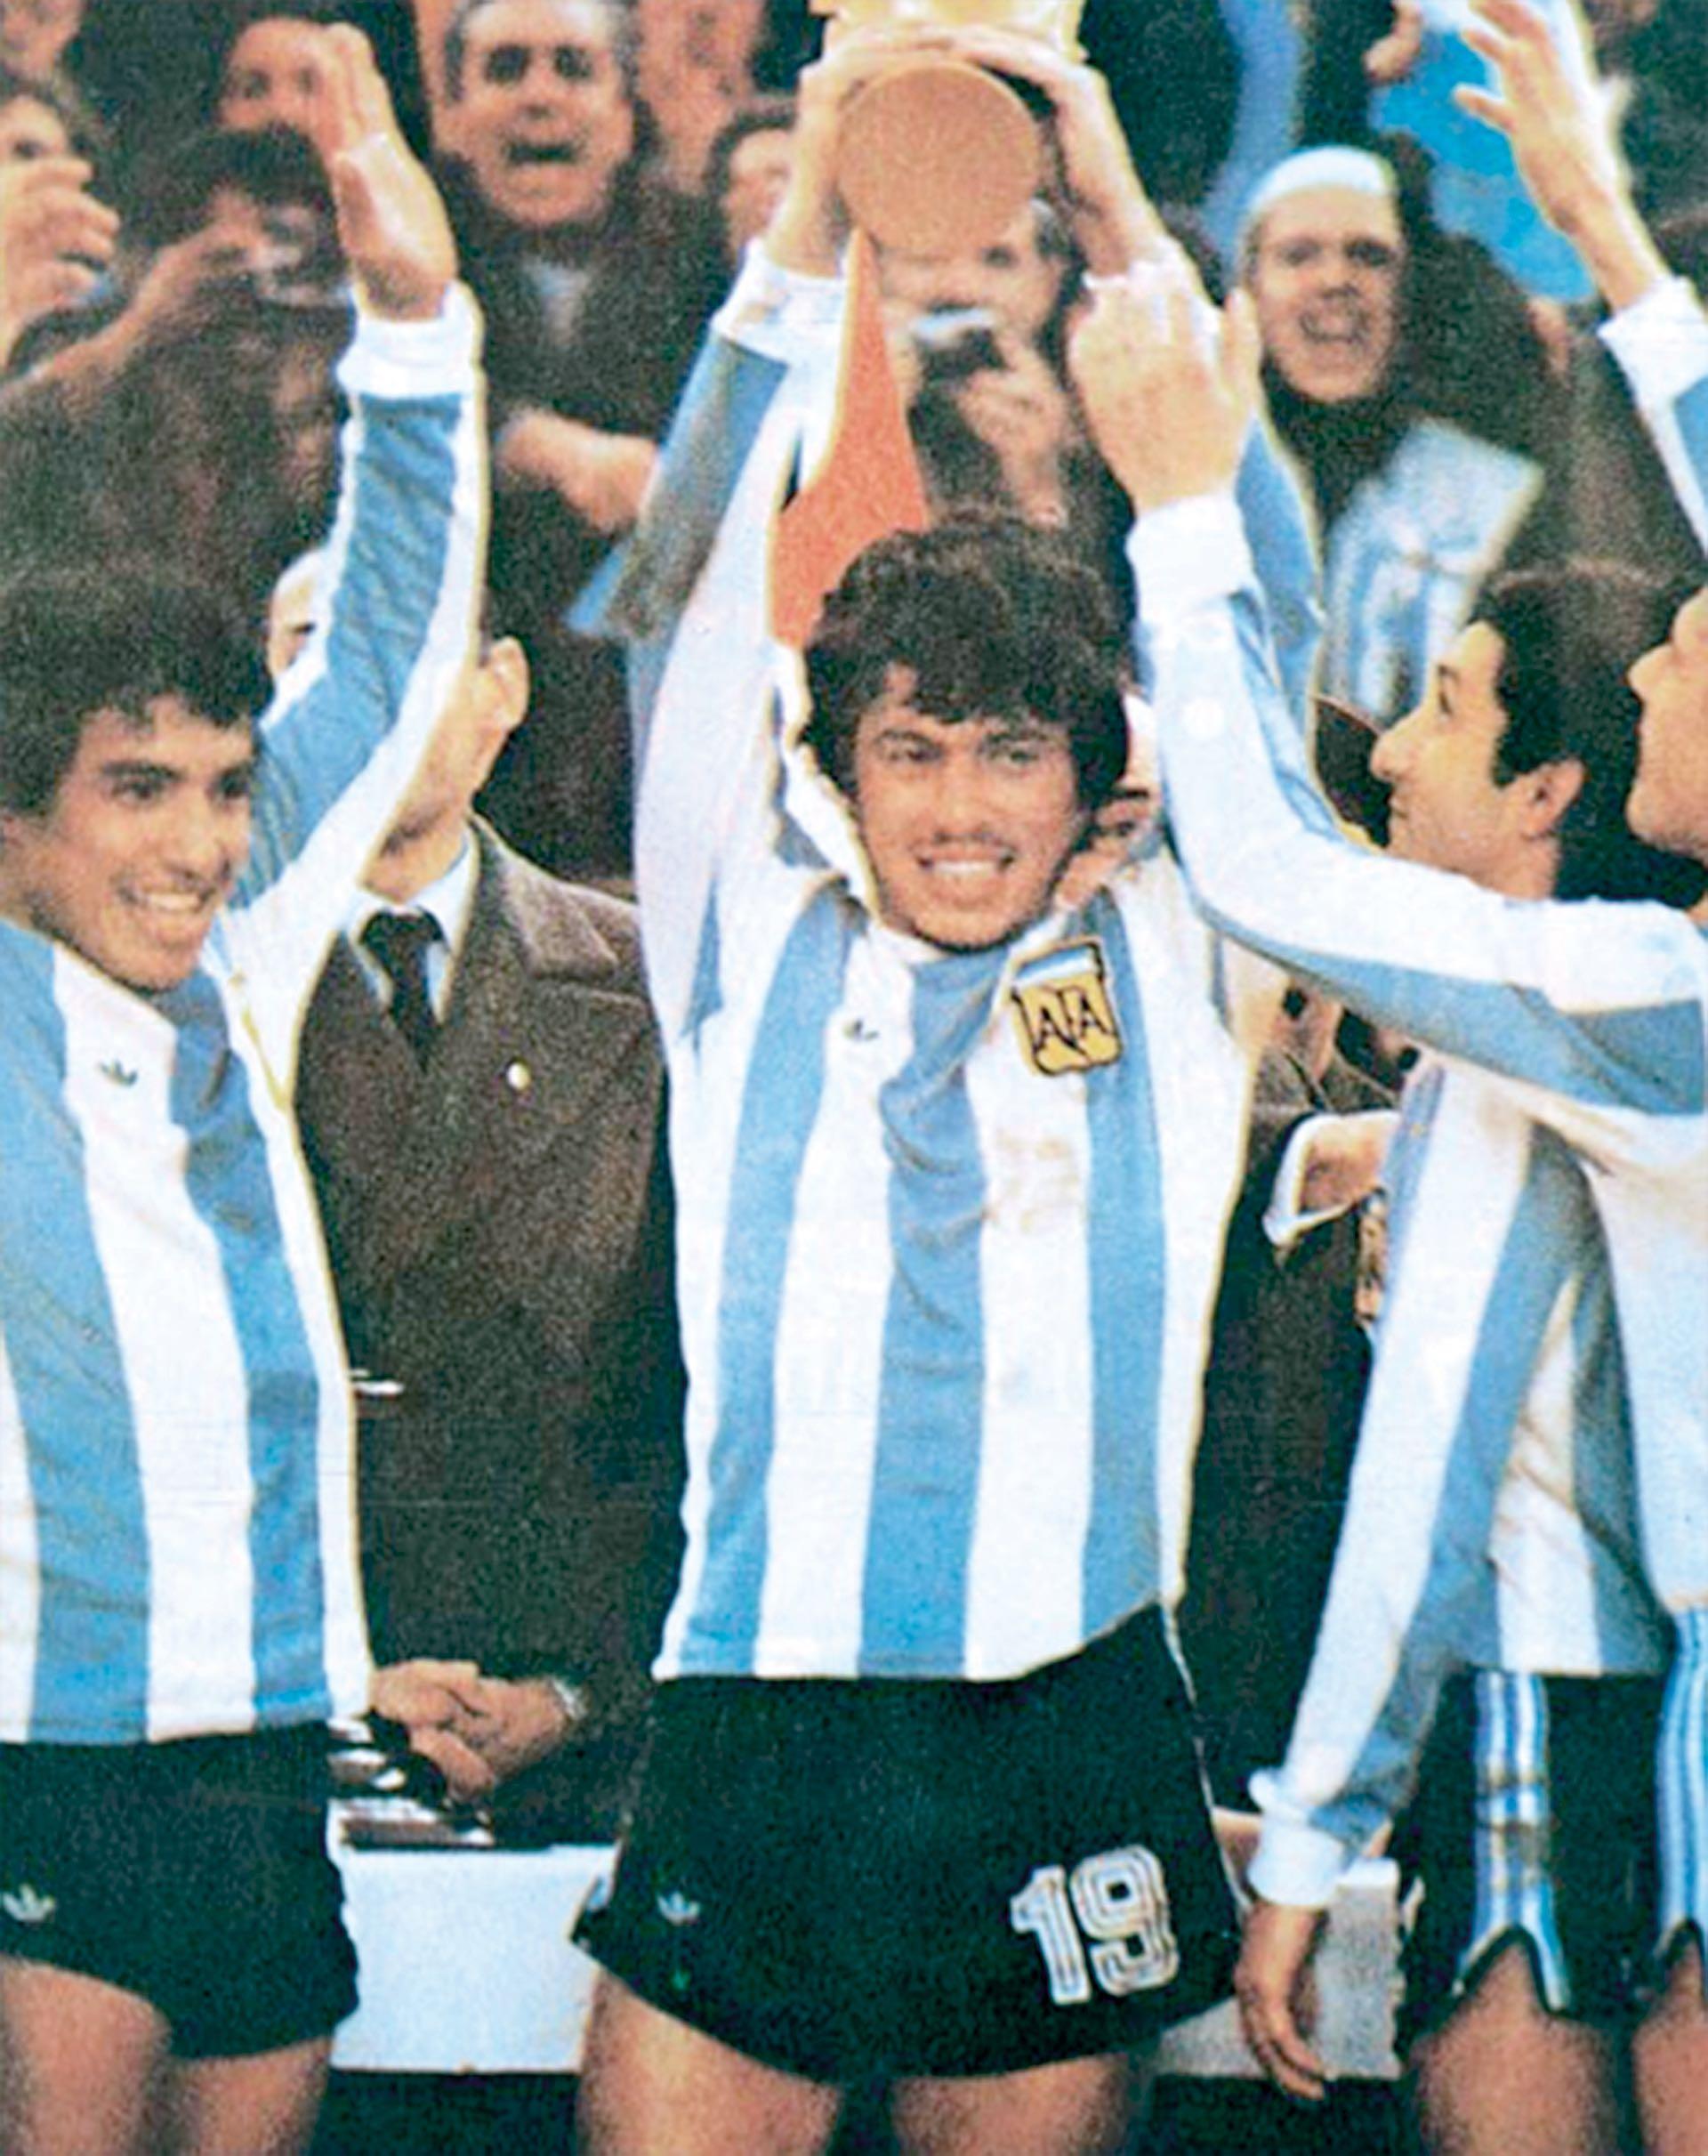 Daniel AlbertoPassarella levanta la Copa. Ardiles la mira embelesado, mientras Gallegolevanta triunfalmente sus brazos.